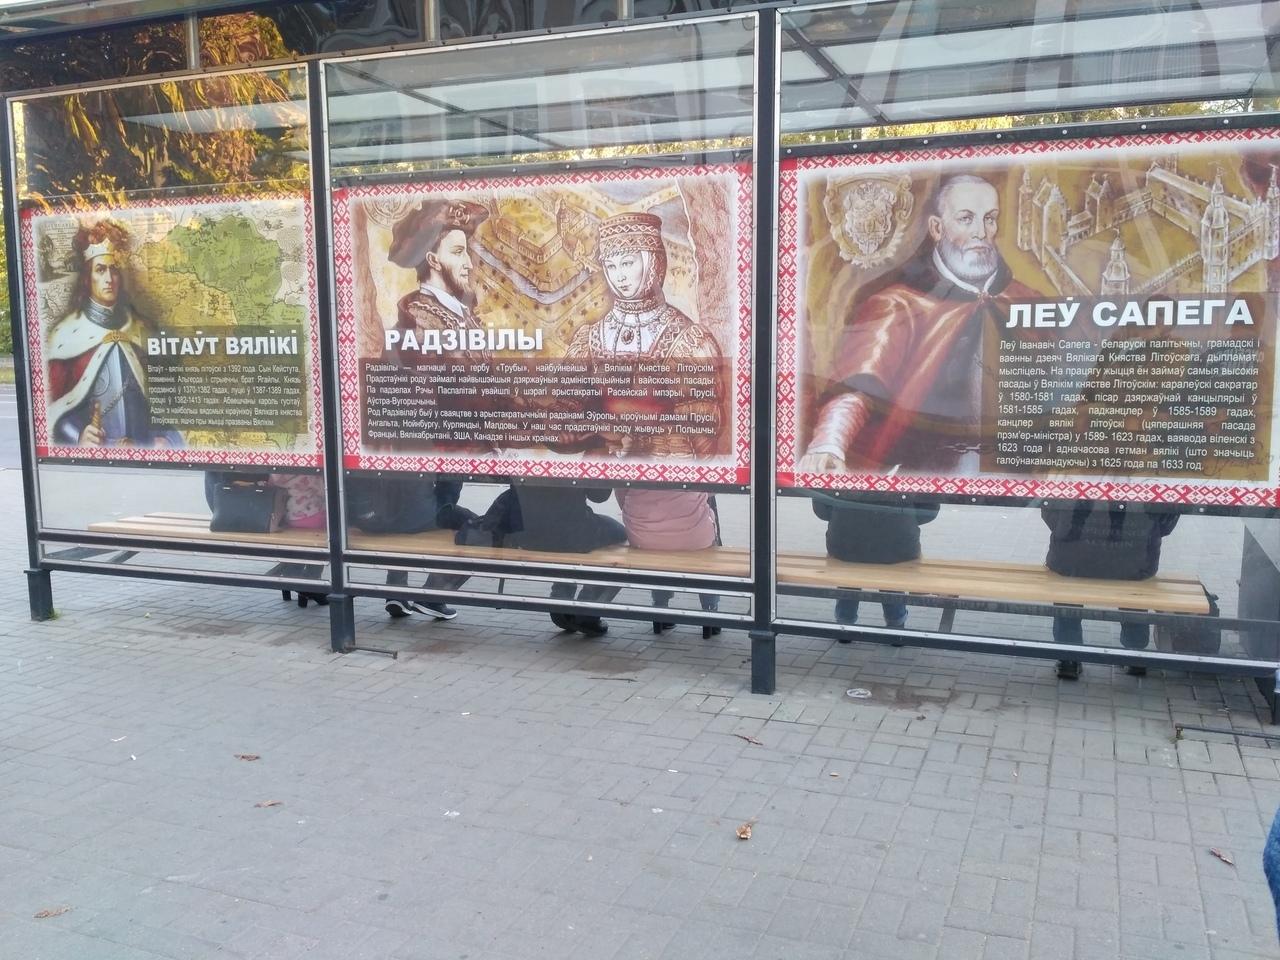 У Салігорску на новых прыпынках грамадскага транспарту з'явіліся стэнды на гістарычную тэматыку з Вітаўтам, Львом Сапегам і Радзівіламі.